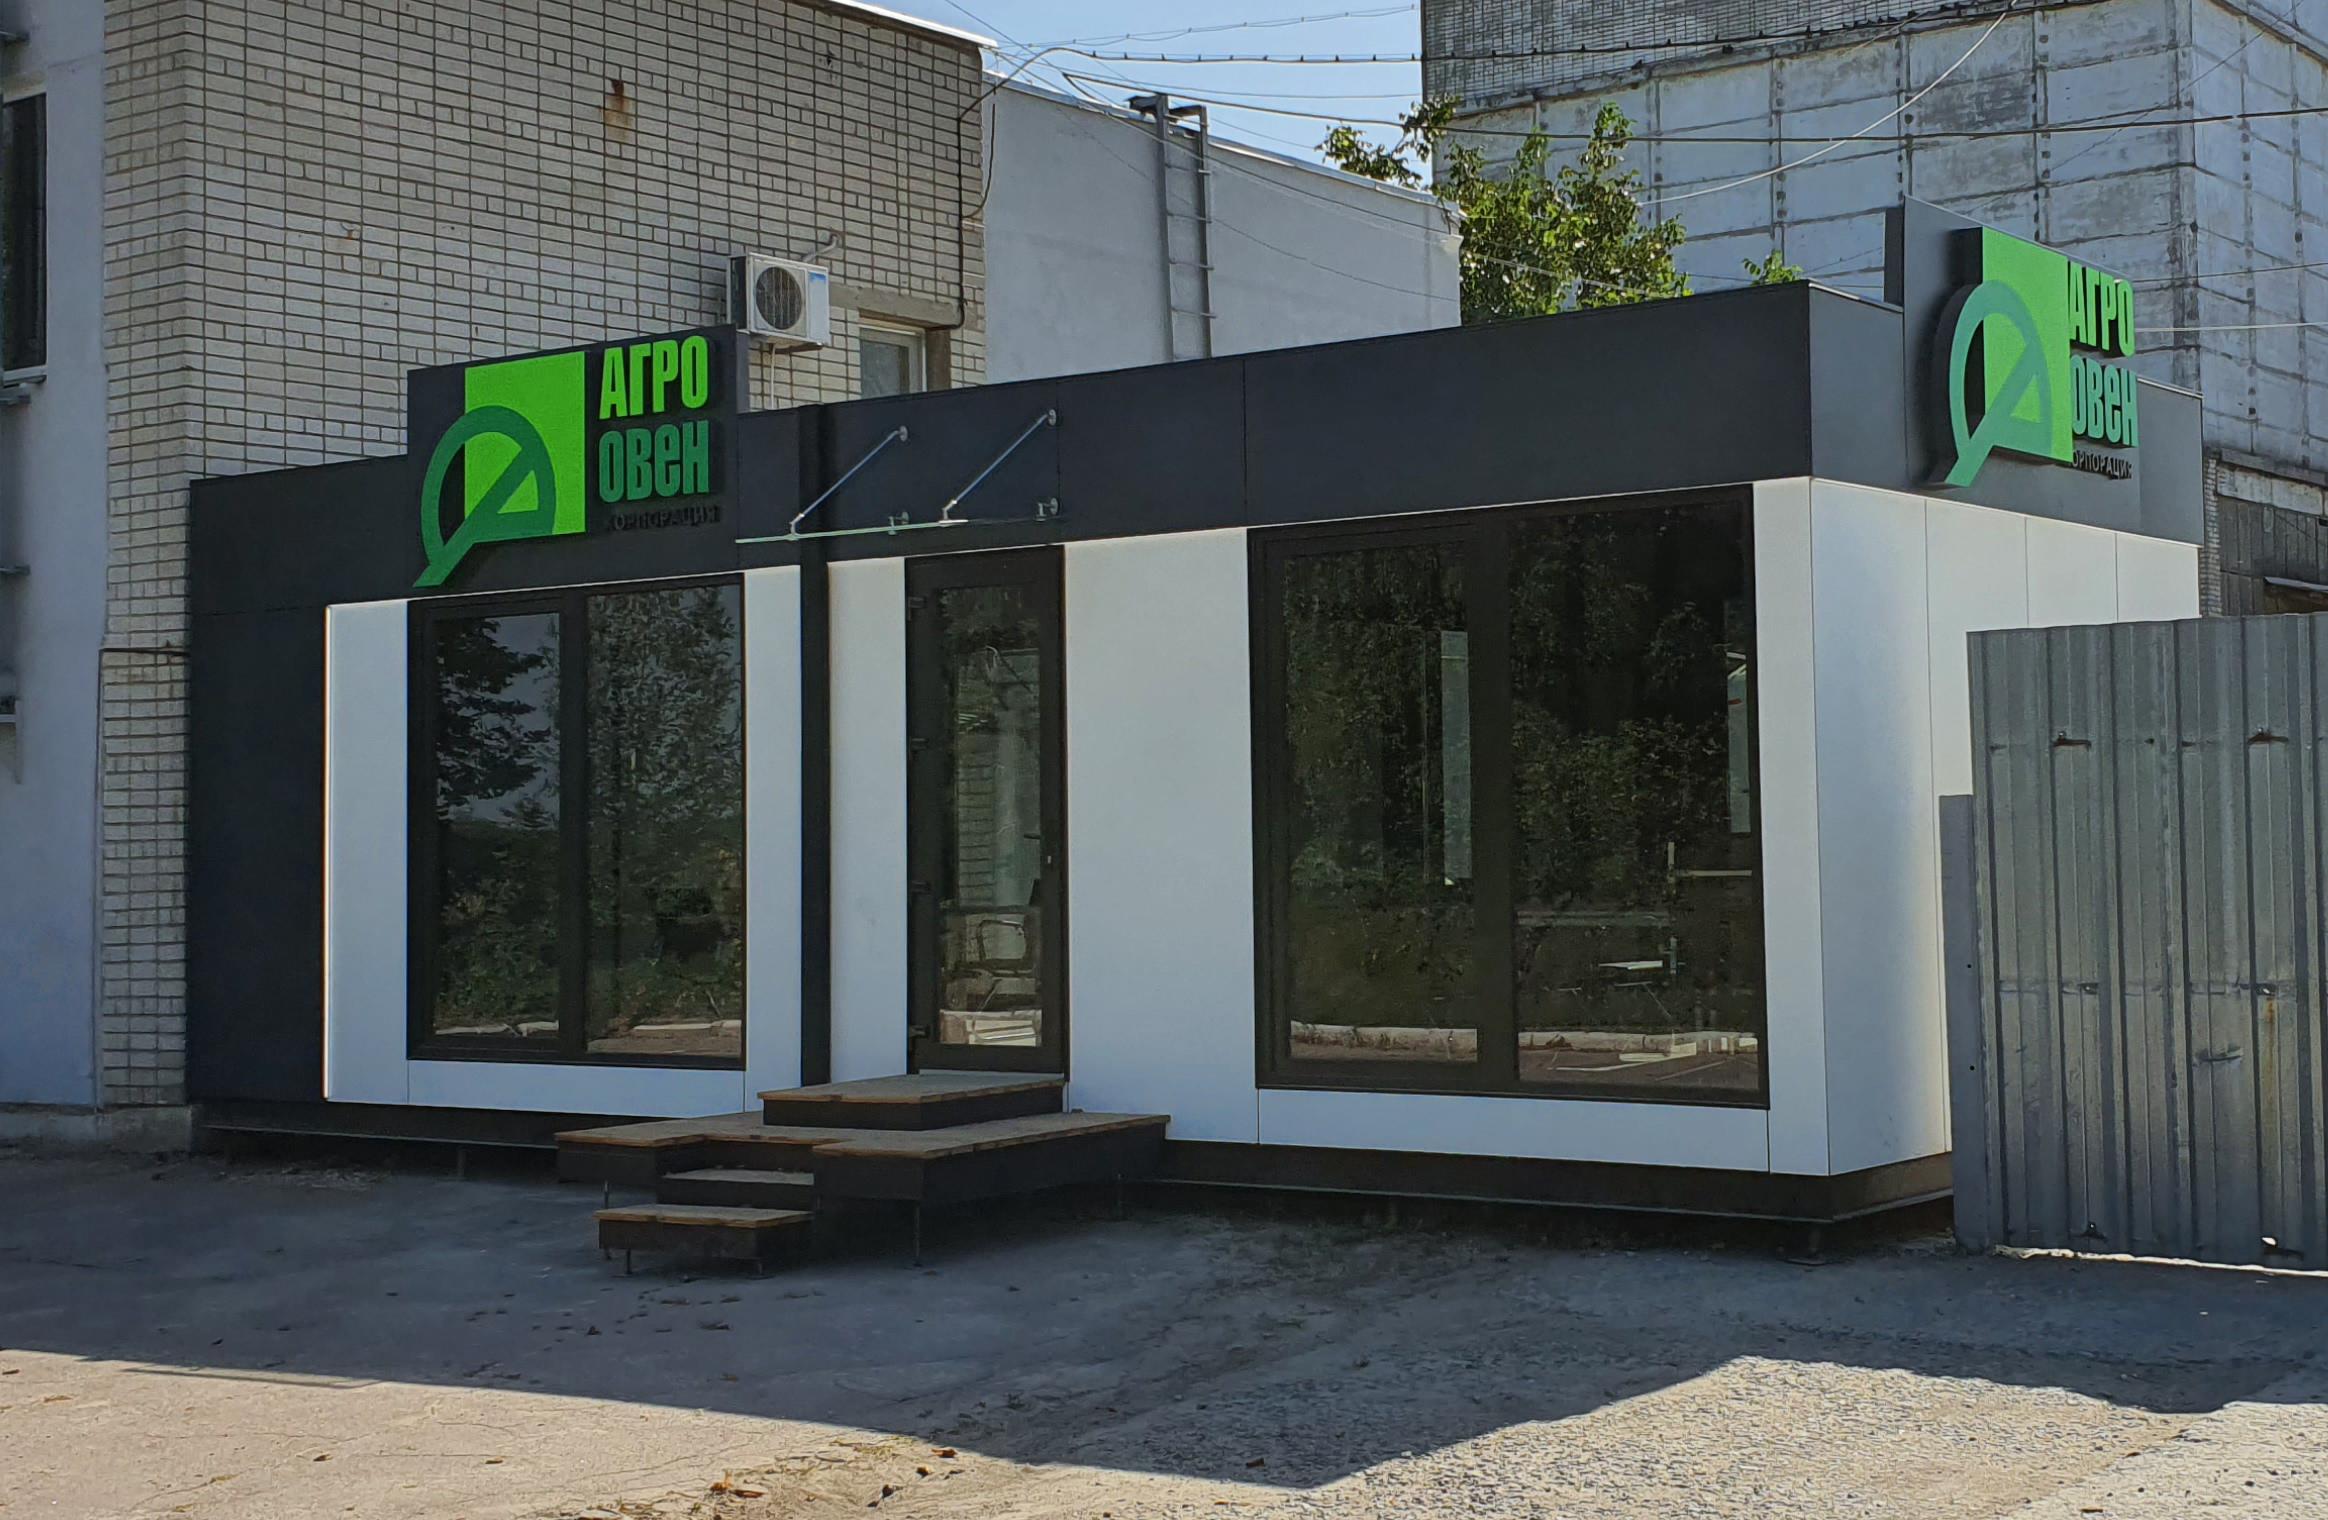 модульный офис продаж, модульний офіс продажу, sales ofice, module house.